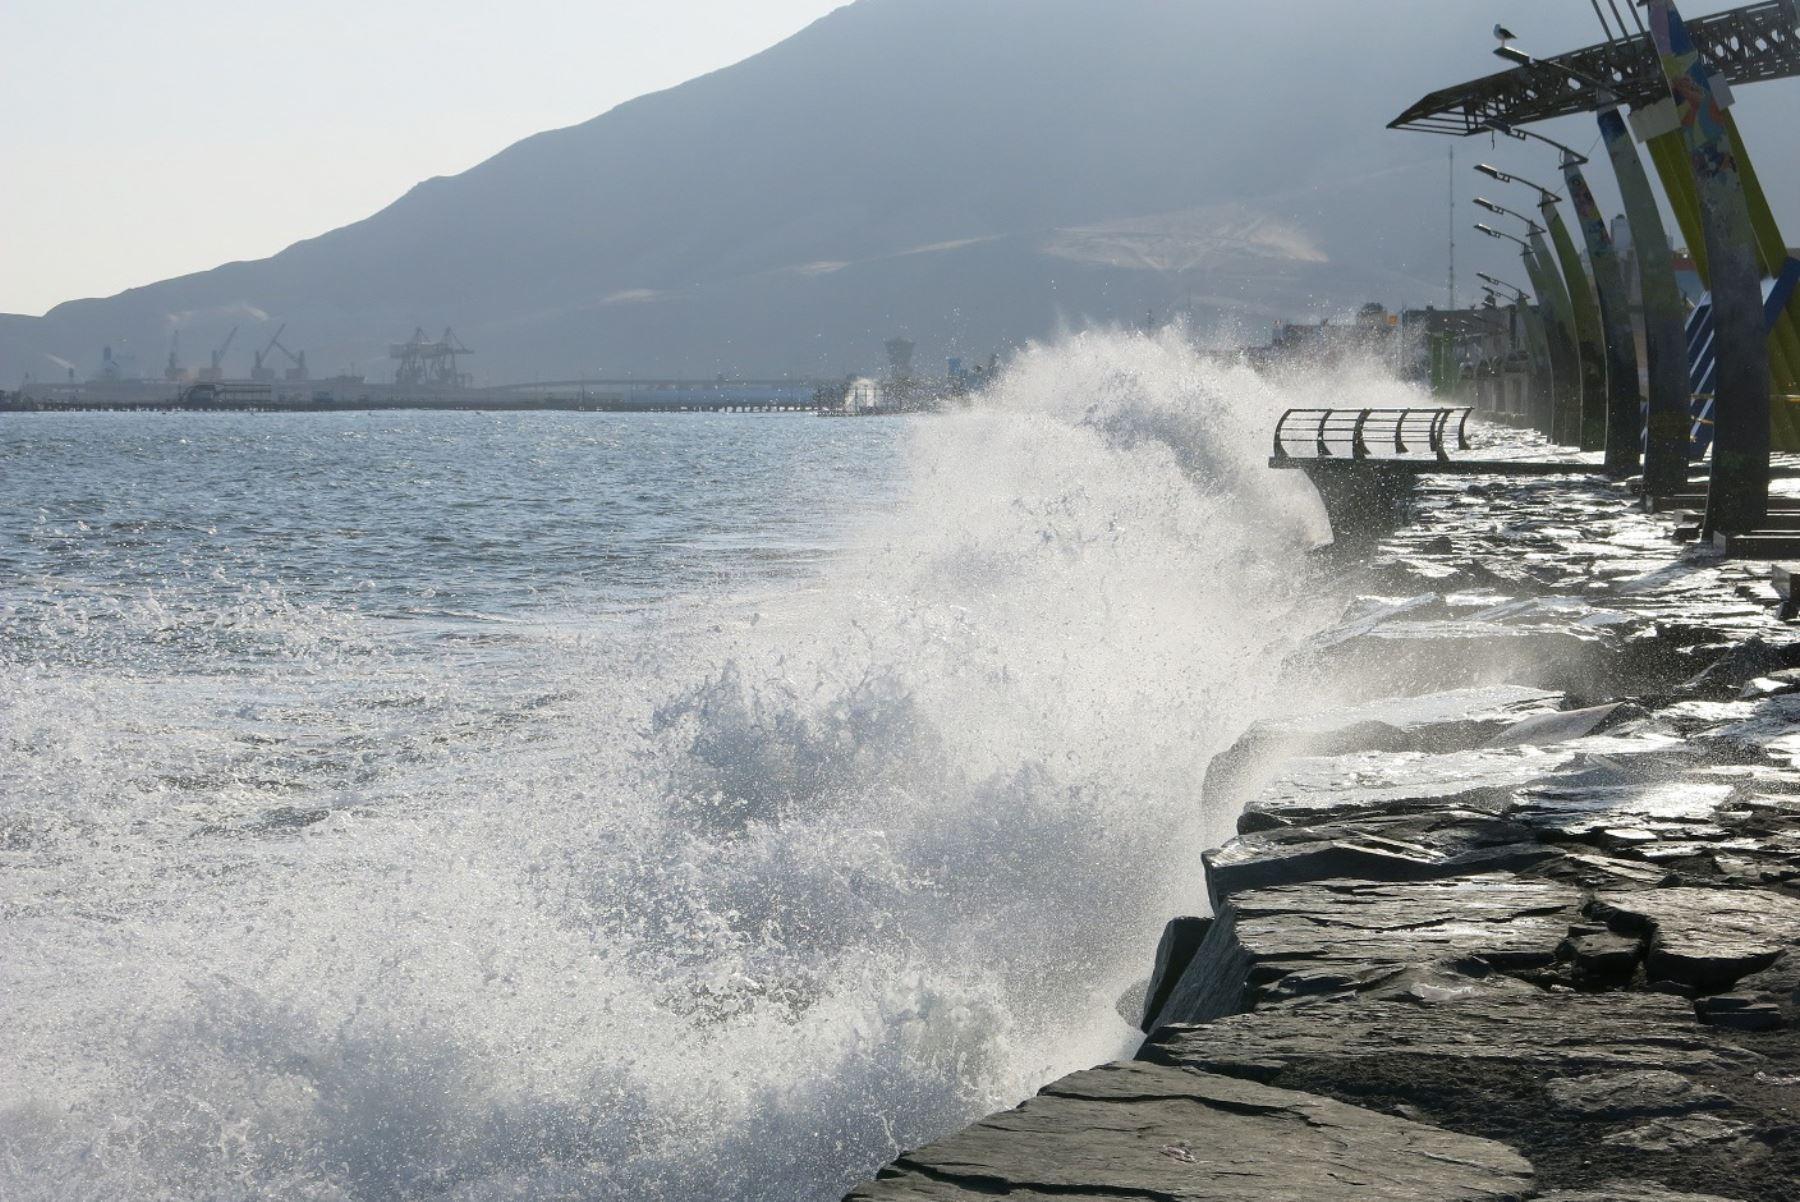 """El último tsunami registrado sucedió en los años 70 y """"acabó"""" con el Callao, apuntó especialista. Foto: ANDINA/Gonzalo Horna."""